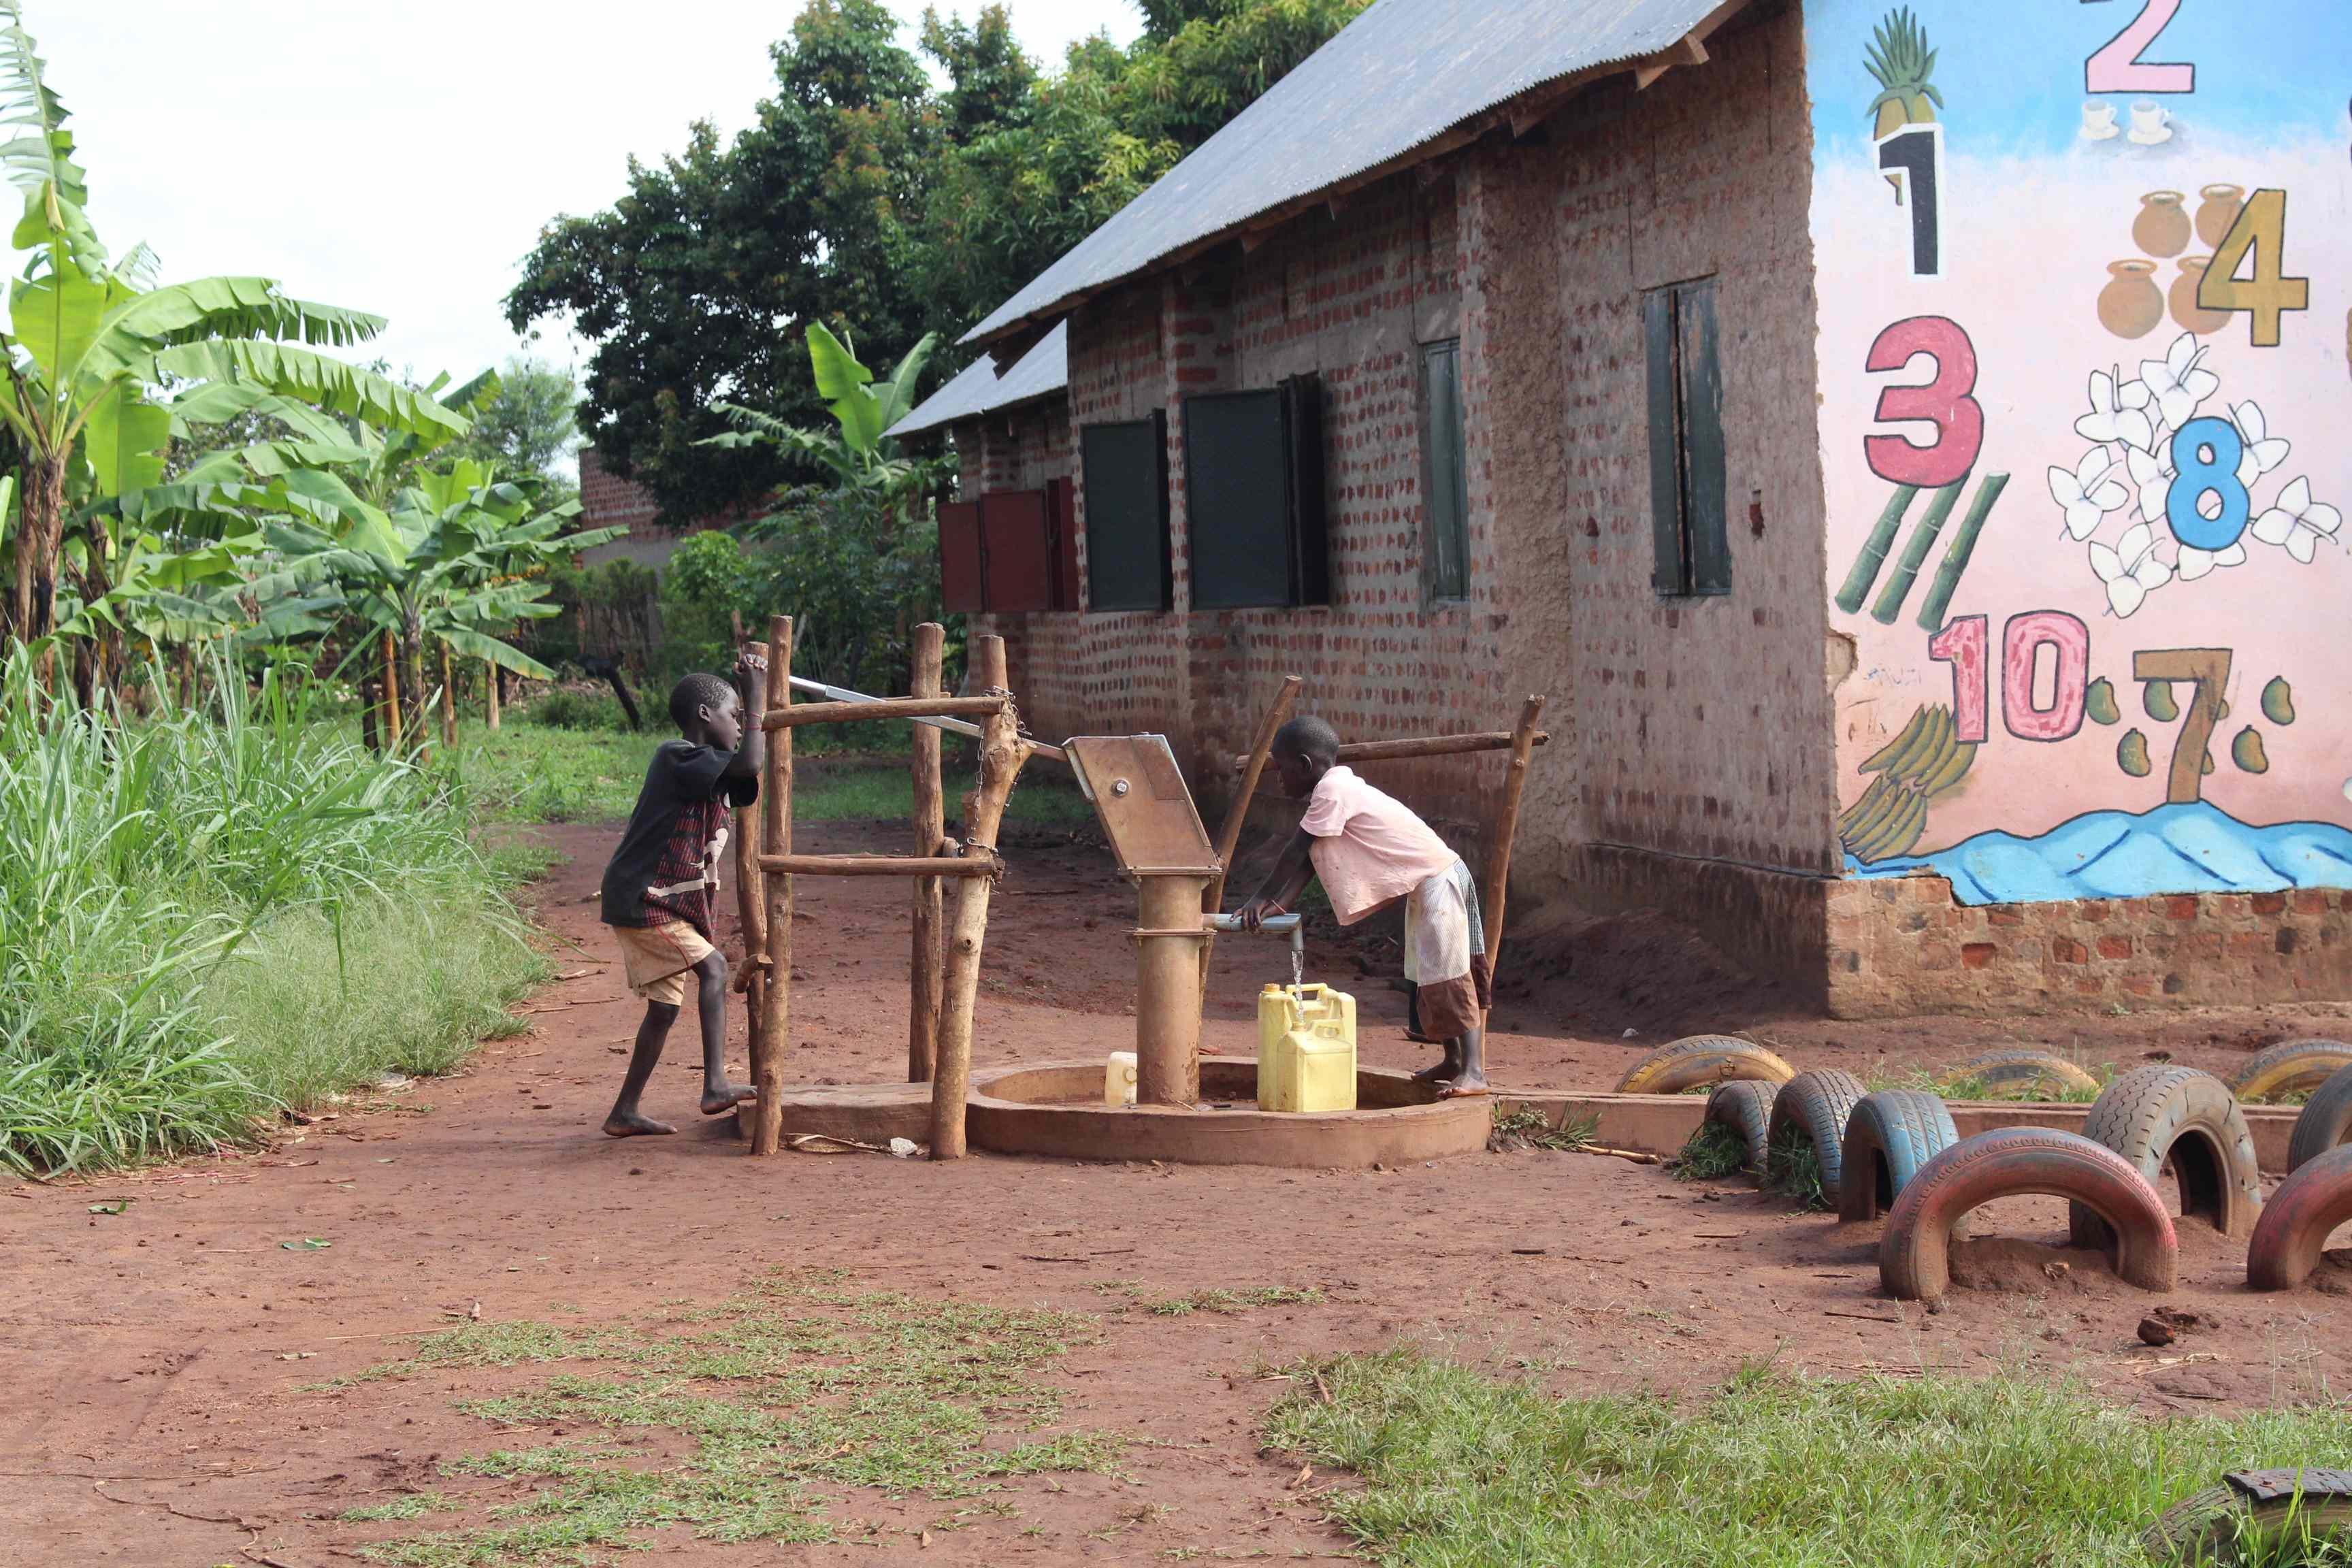 Kinder fördern Wasser aus dem Brunnen.